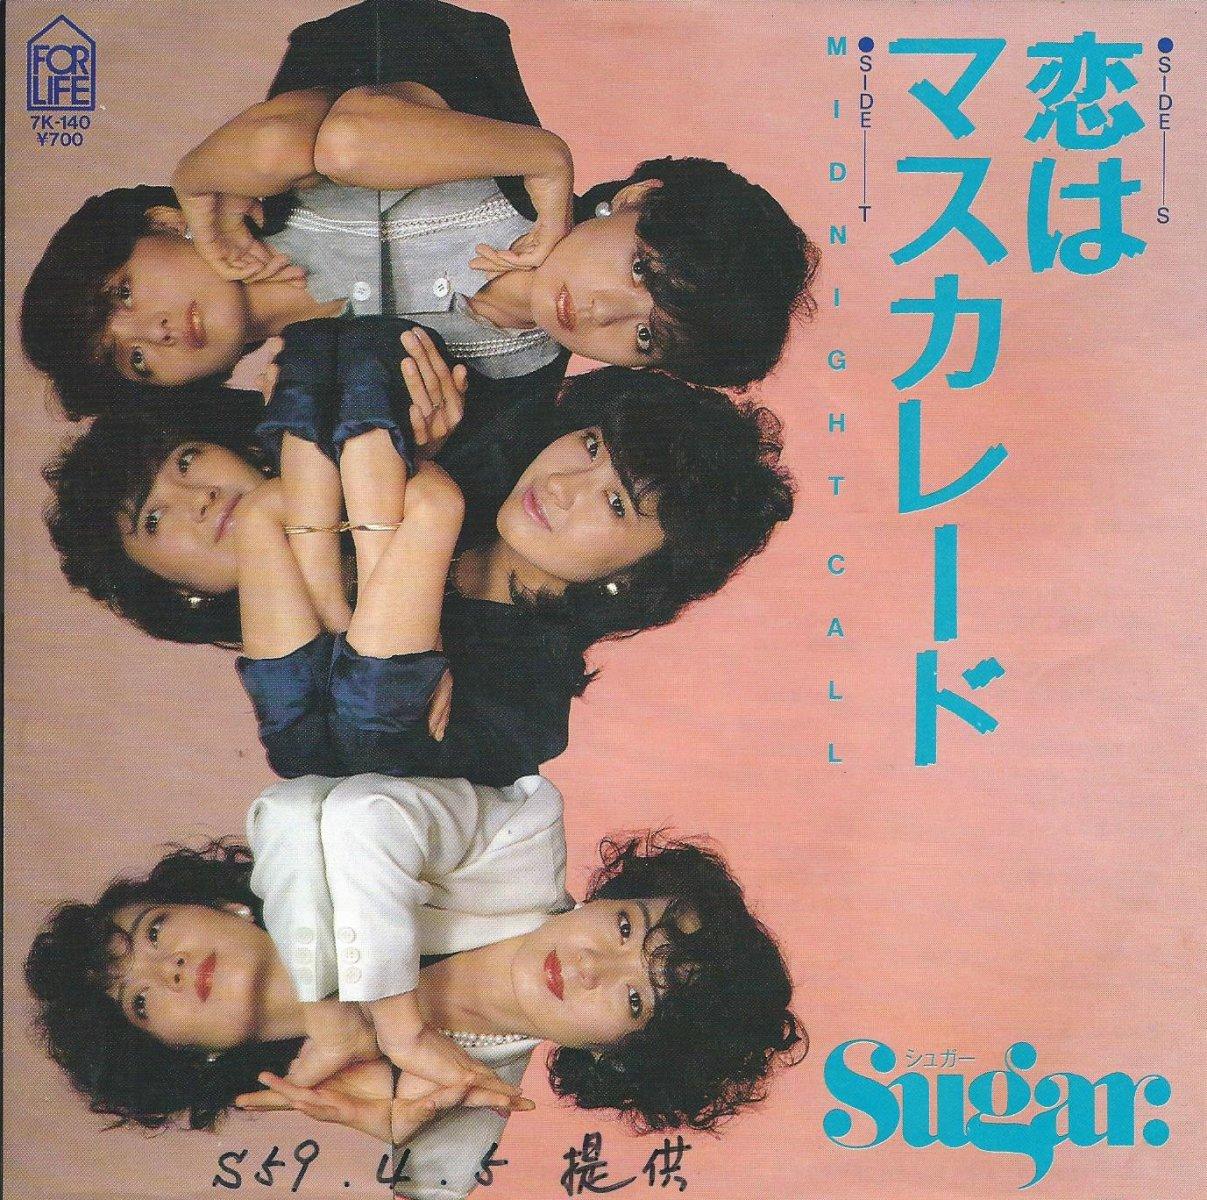 シュガー SUGAR / 恋はマスカレード / MIDNIGHT CALL (林哲司) (7